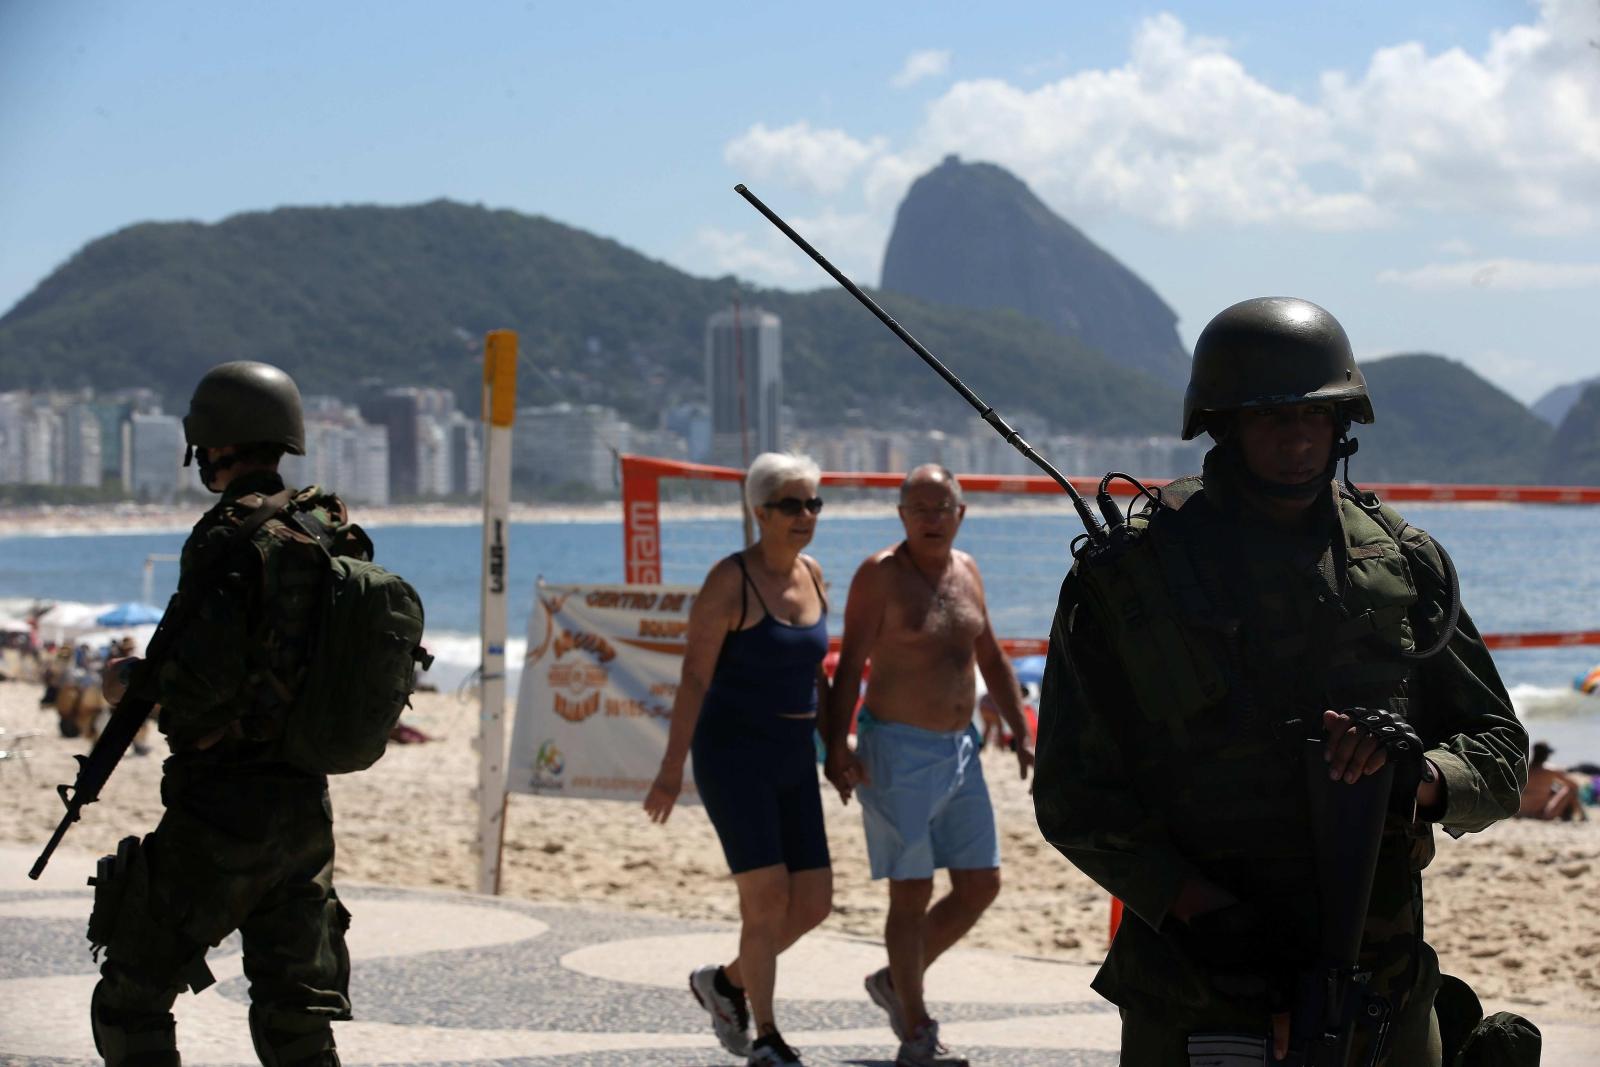 Żołnierze pilnują porządku na plaży Copacabana, Rio de Janeiro, Brazylia. Dzięki wojsku rząd chce uniknąć sytuacji podobnej do tej ostatnio, gdy policjanci wyszli na ulice i przez 10 dni strajkowali.